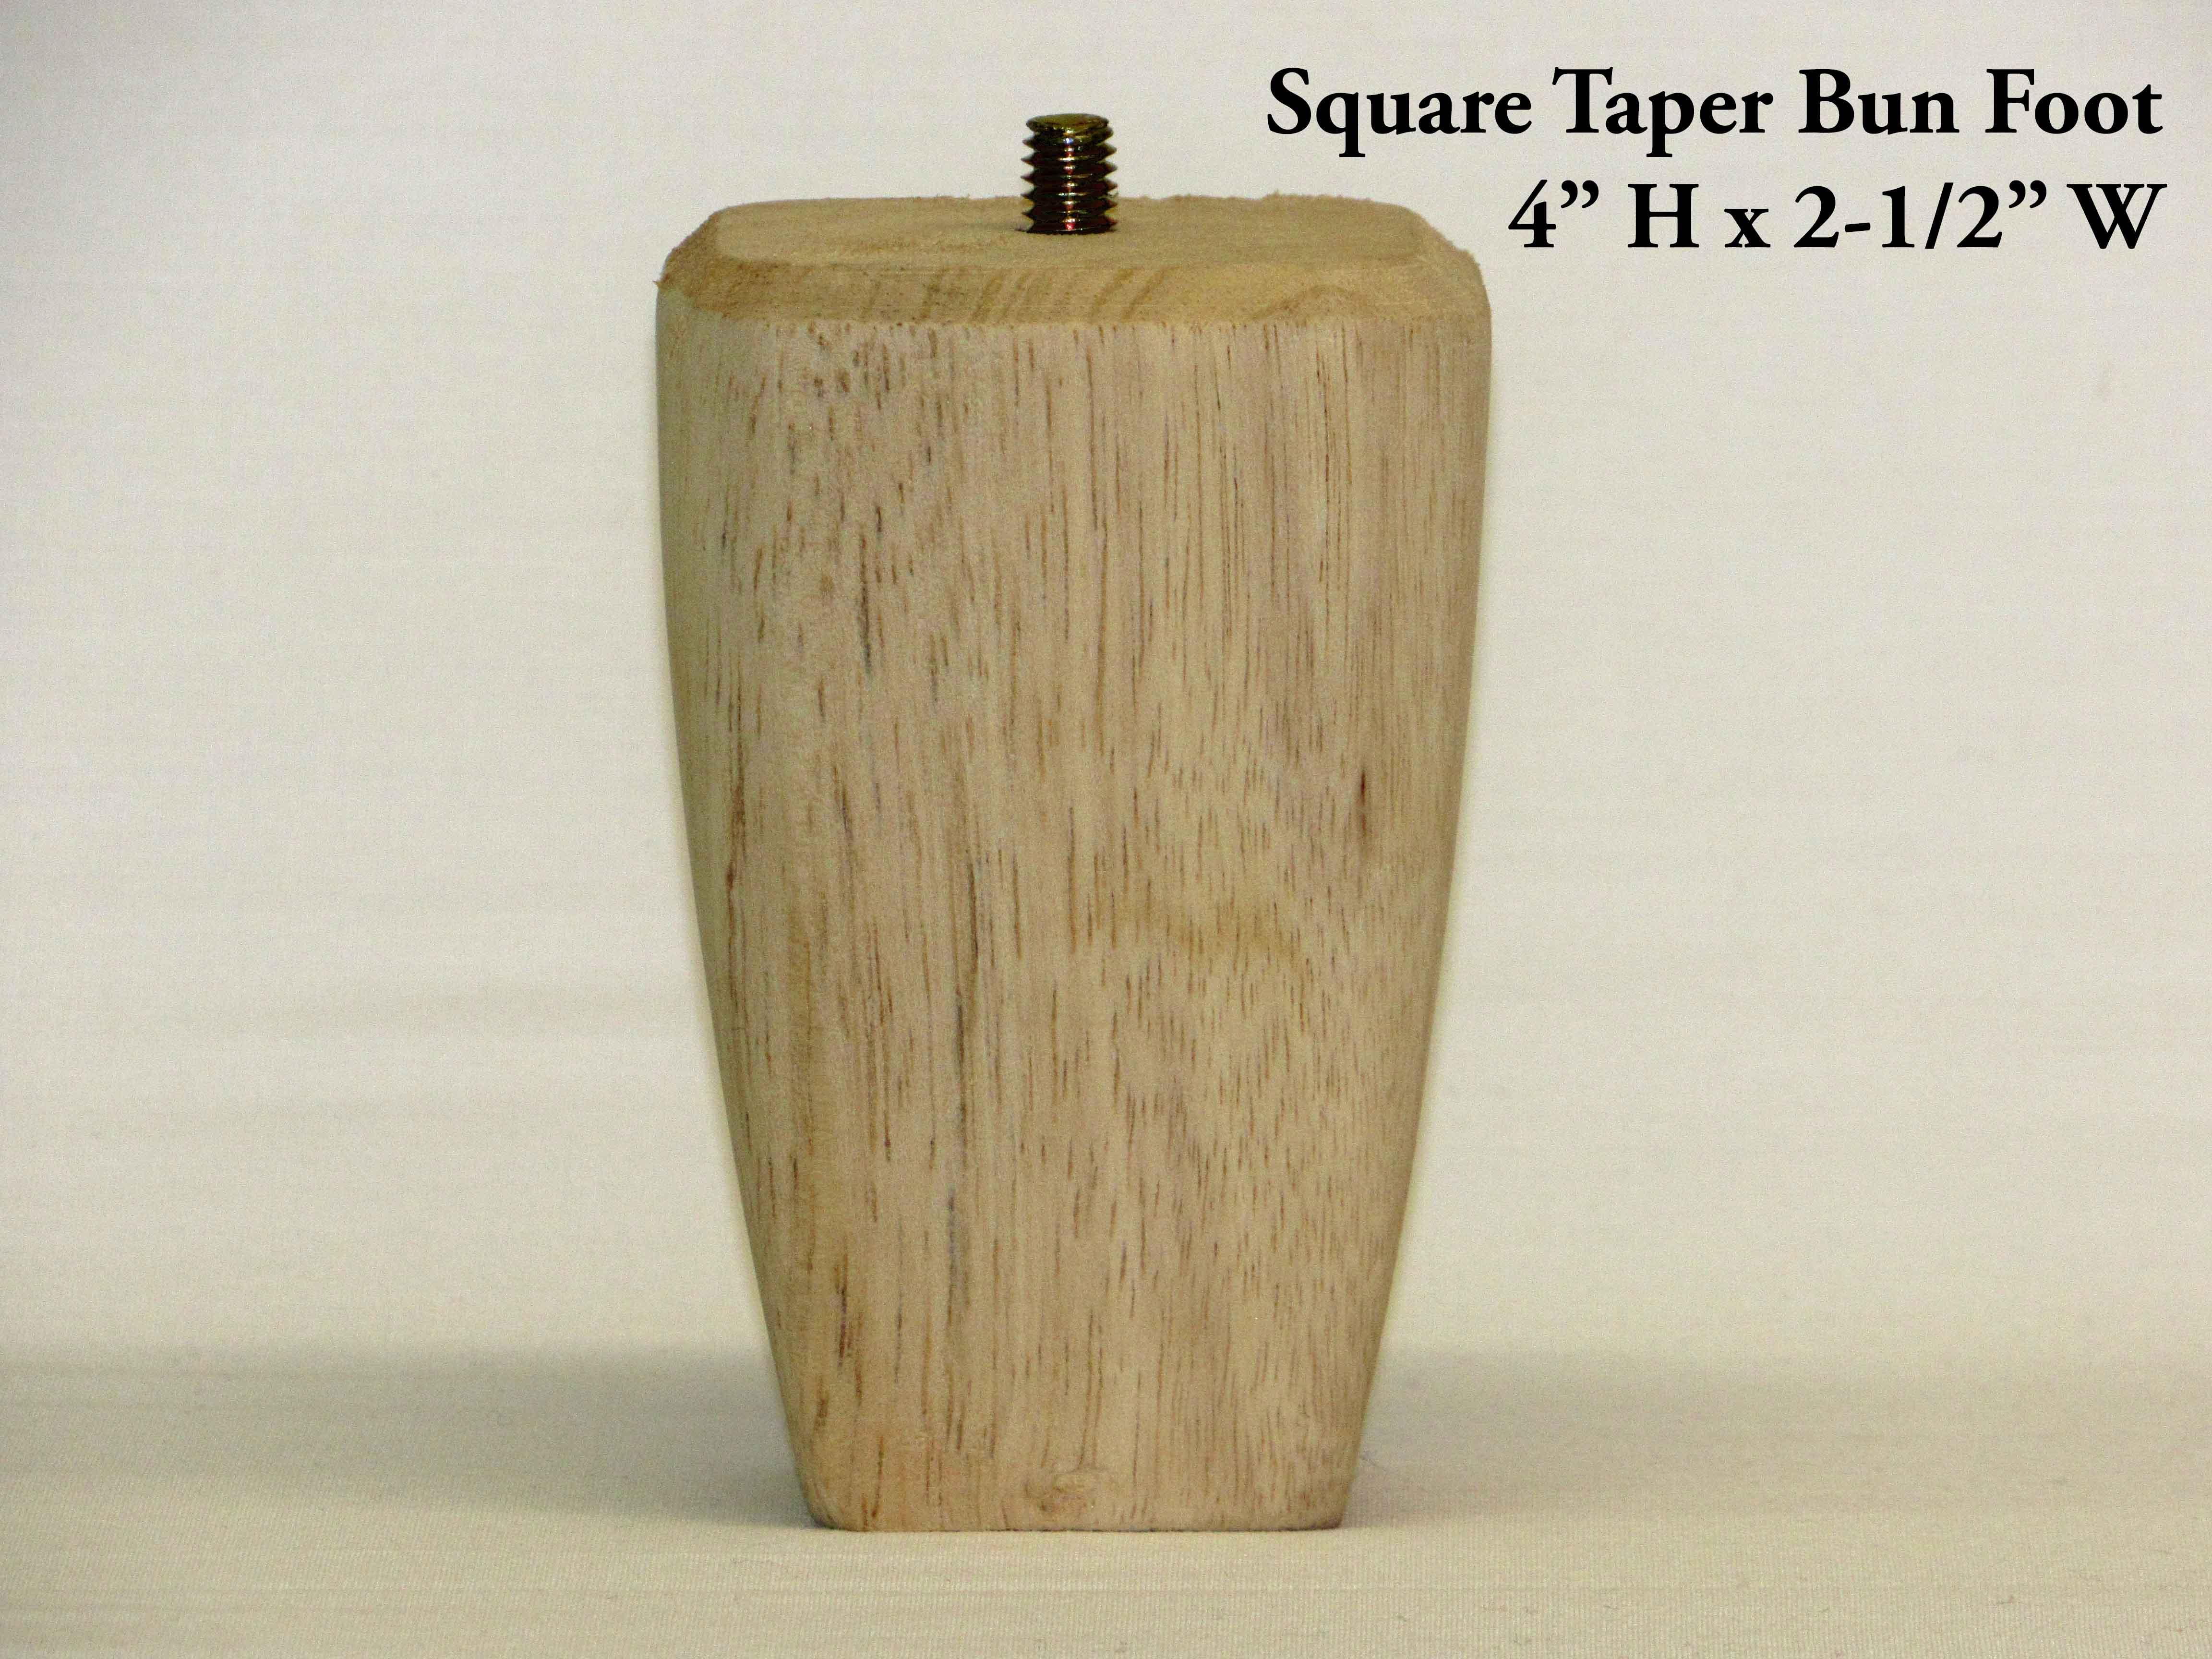 Square Taper Bun Foot Pair Capitol City Lumber